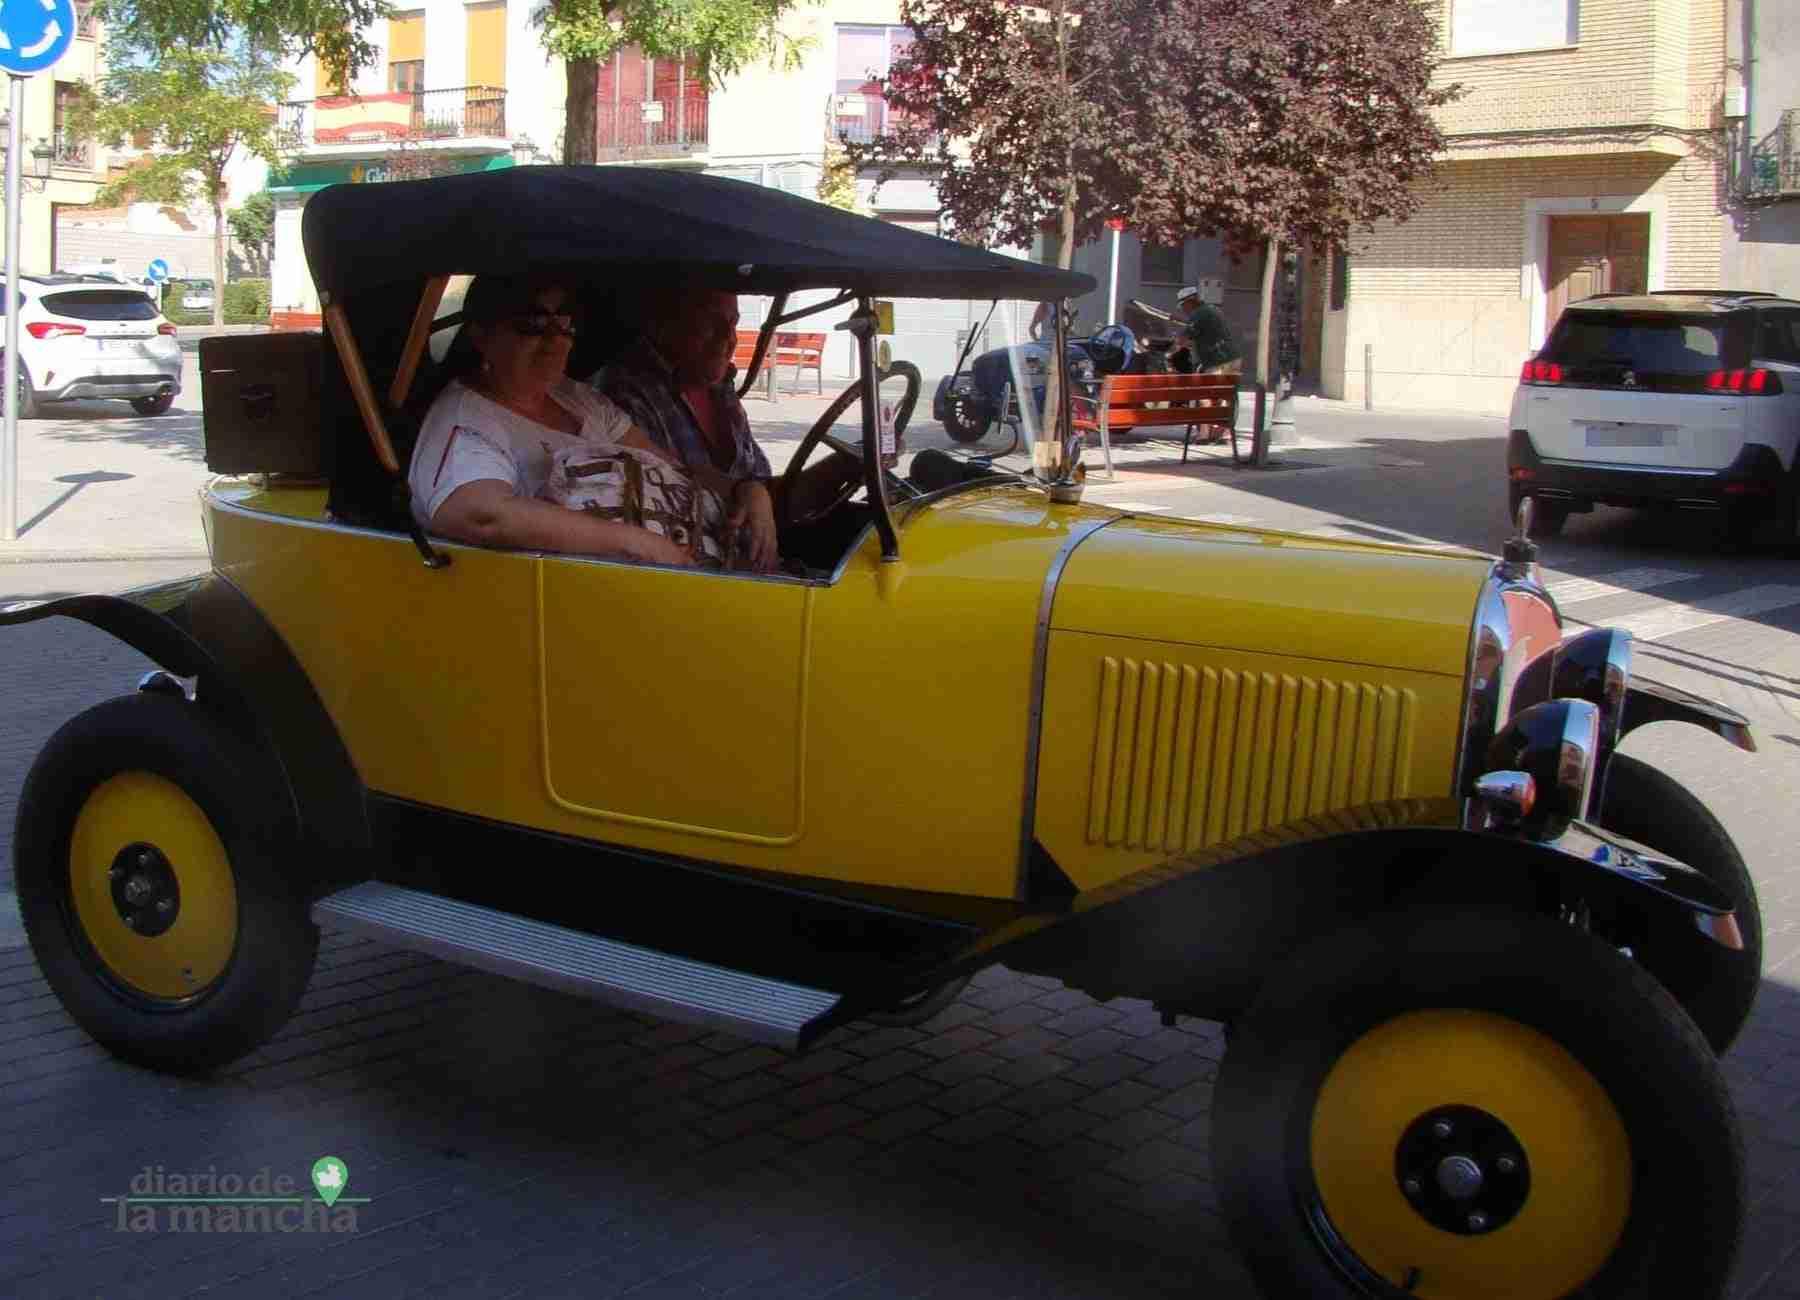 Clásicos a motor recorren Quintanar y su comarca durante este fin de semana 45